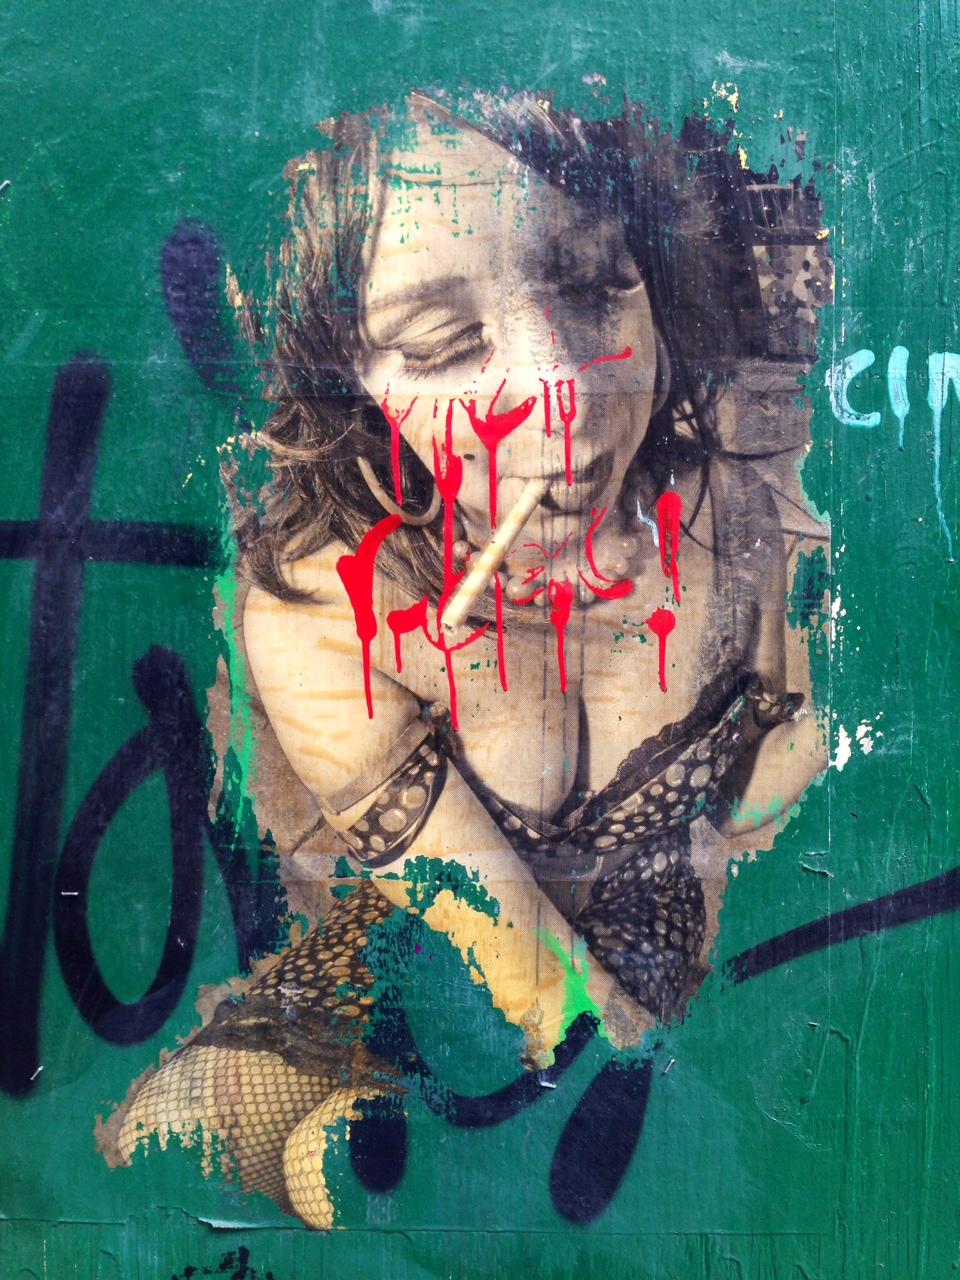 street-art-rosenfeld-1